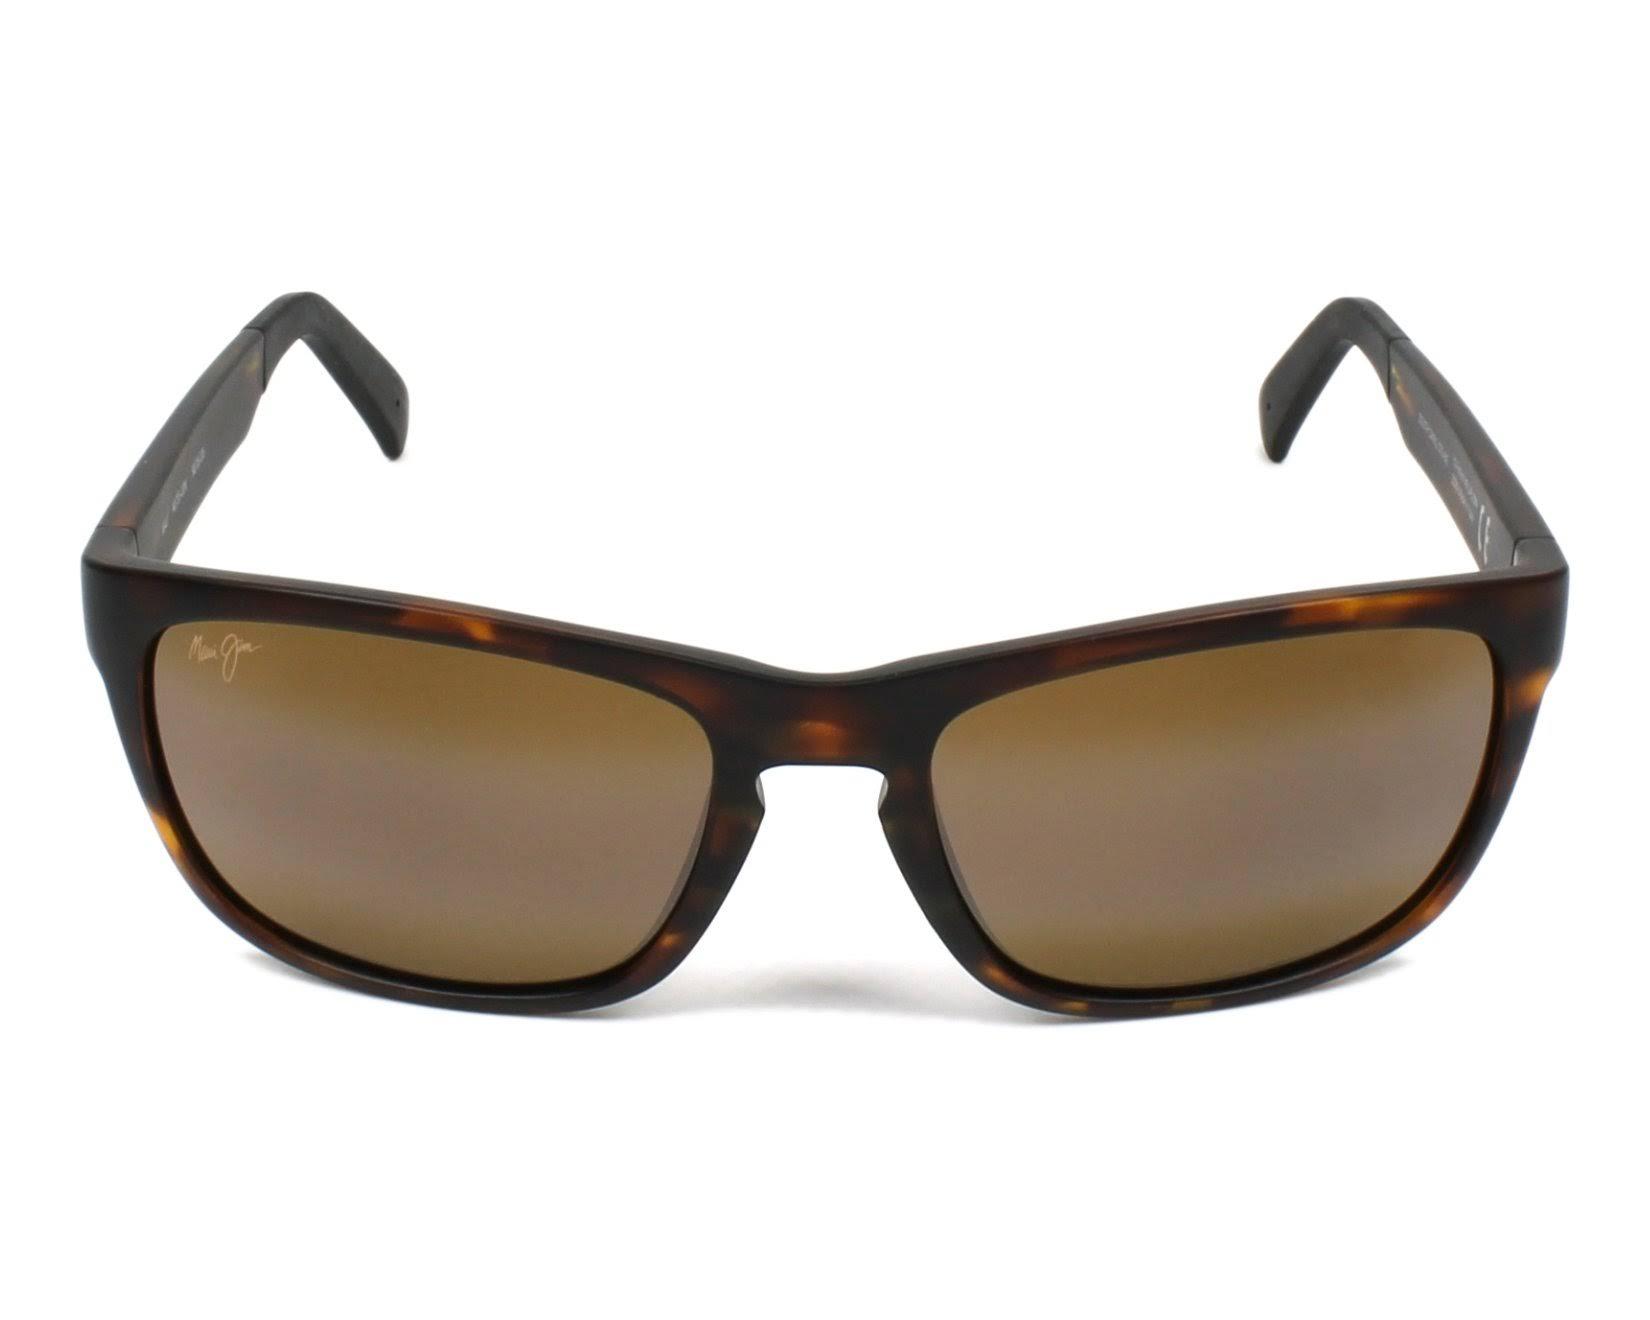 Tortoise Jim Matt Maui Acetate Havana 755 H Sunglasses xOxzaqS0